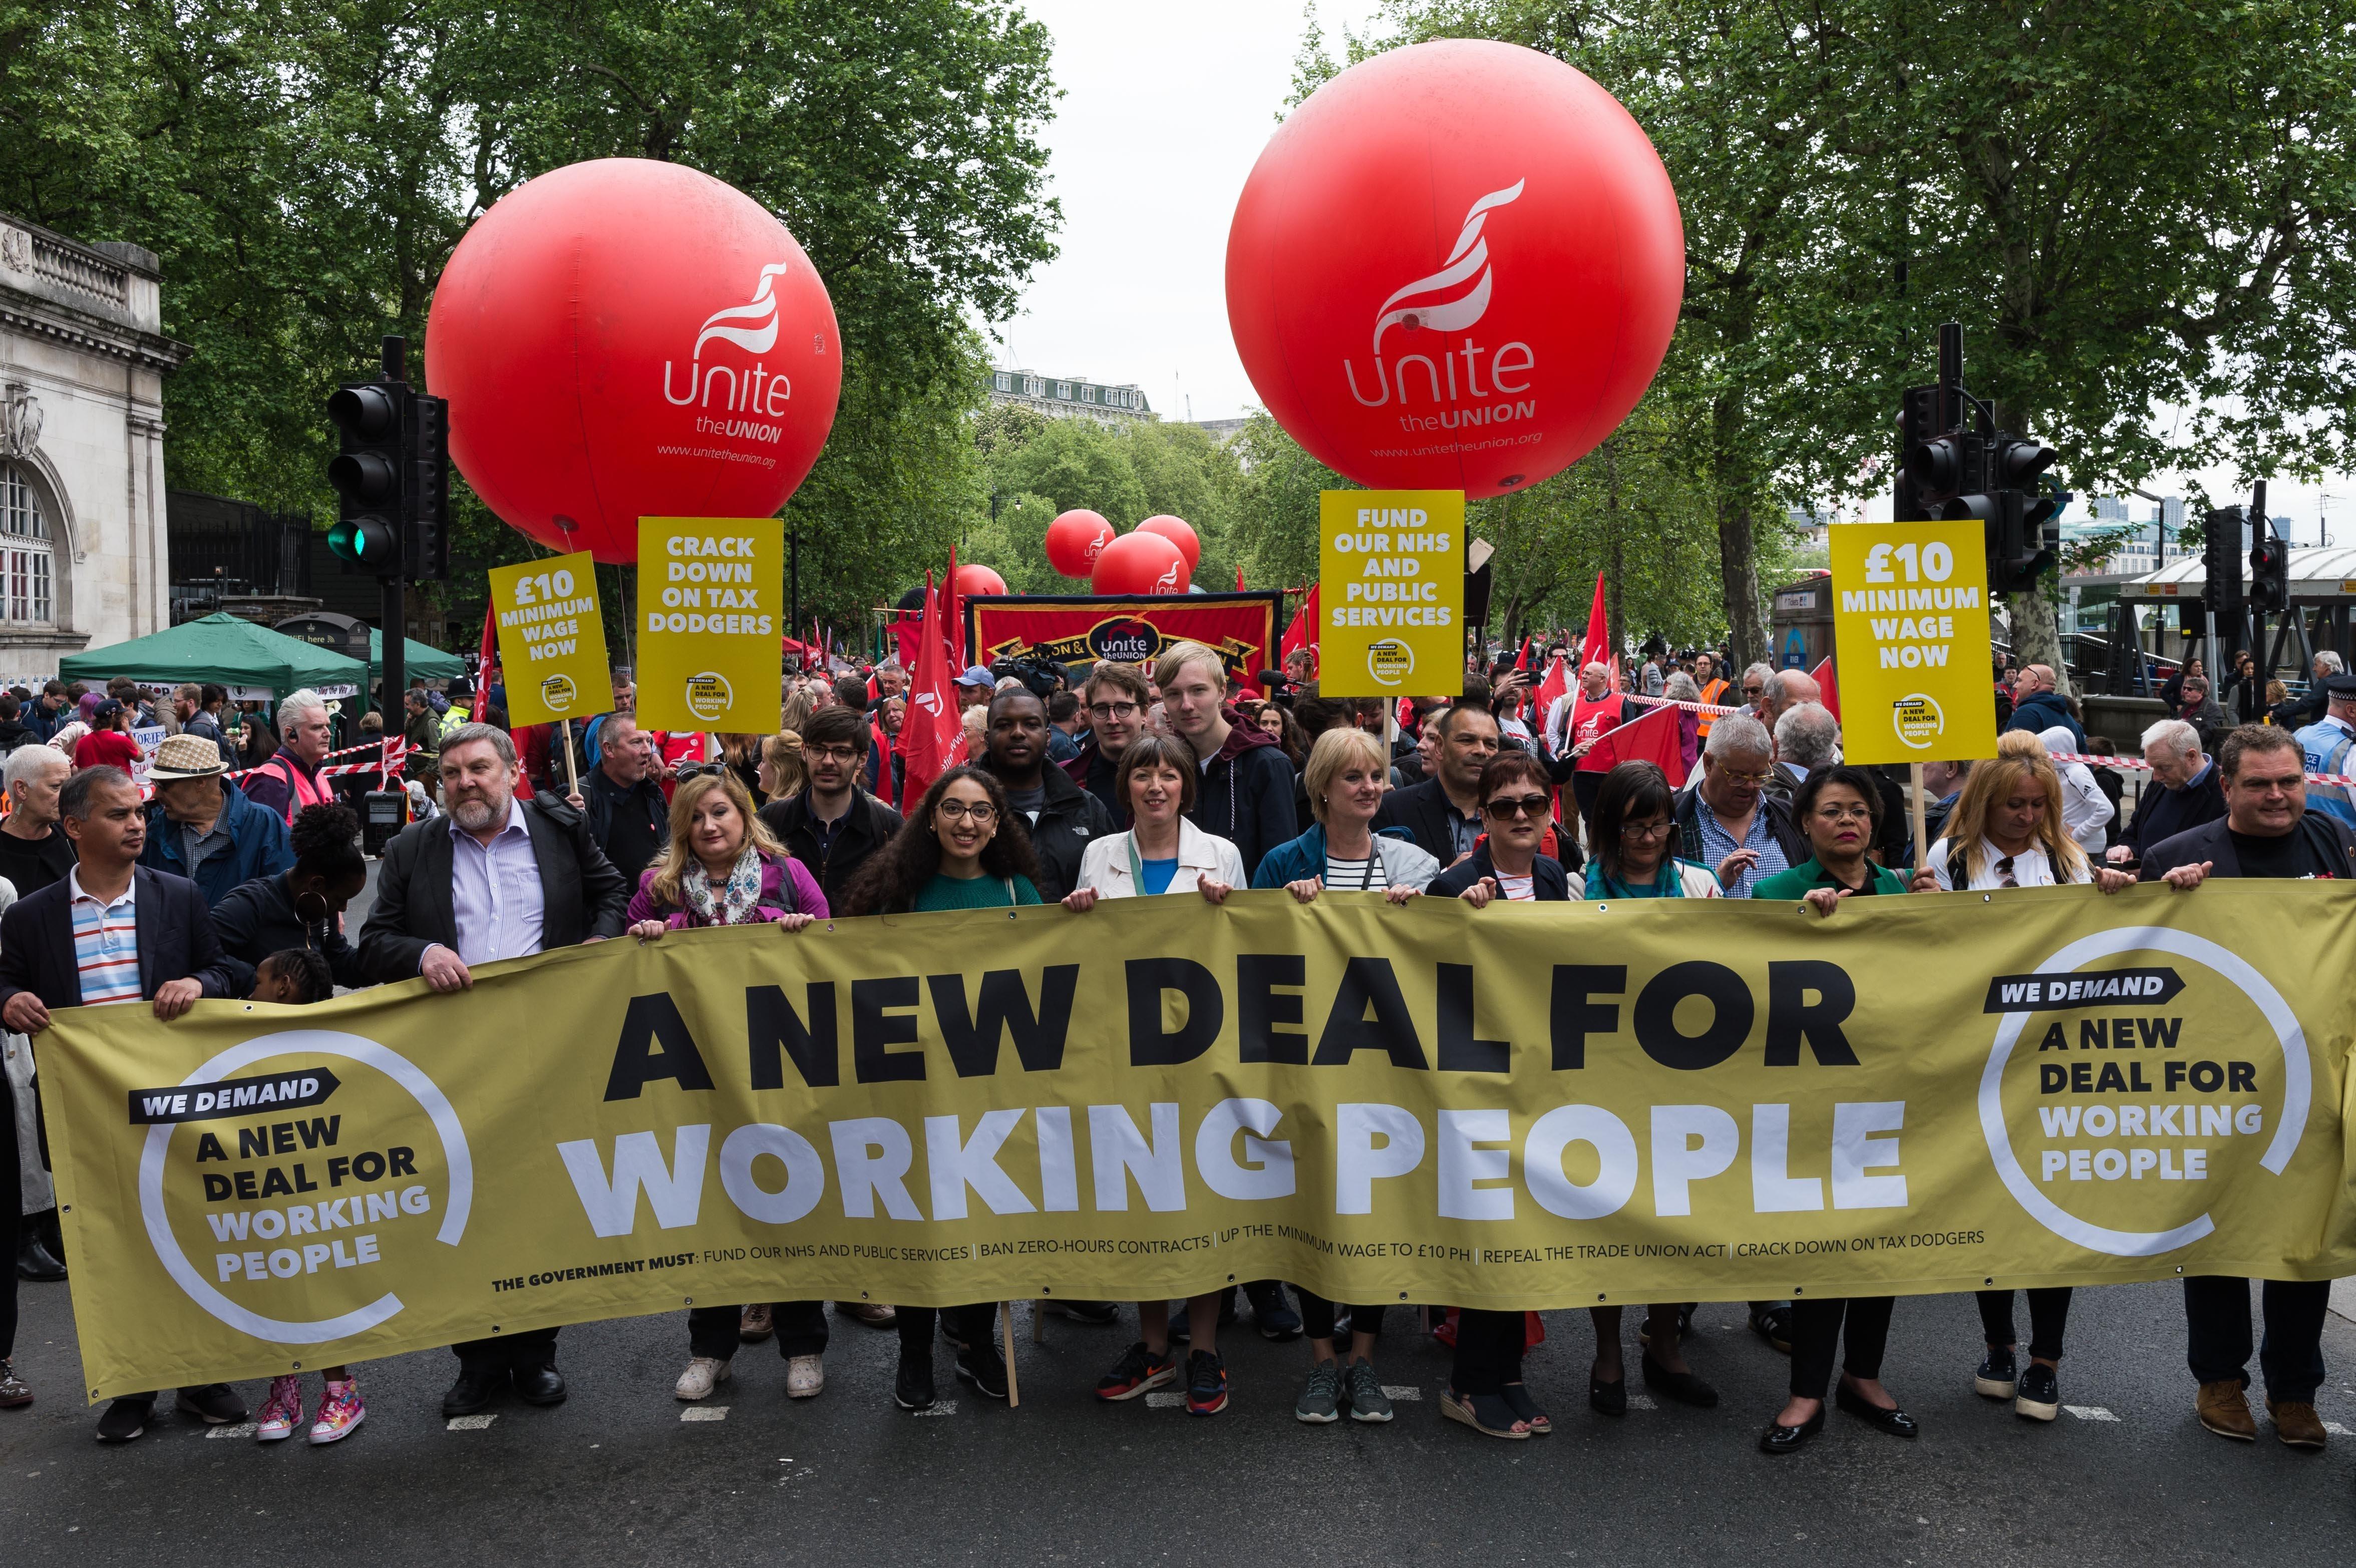 Χιλιάδες Βρετανοί στους δρόμους του Λονδίνου διεκδικώντας καλύτερους